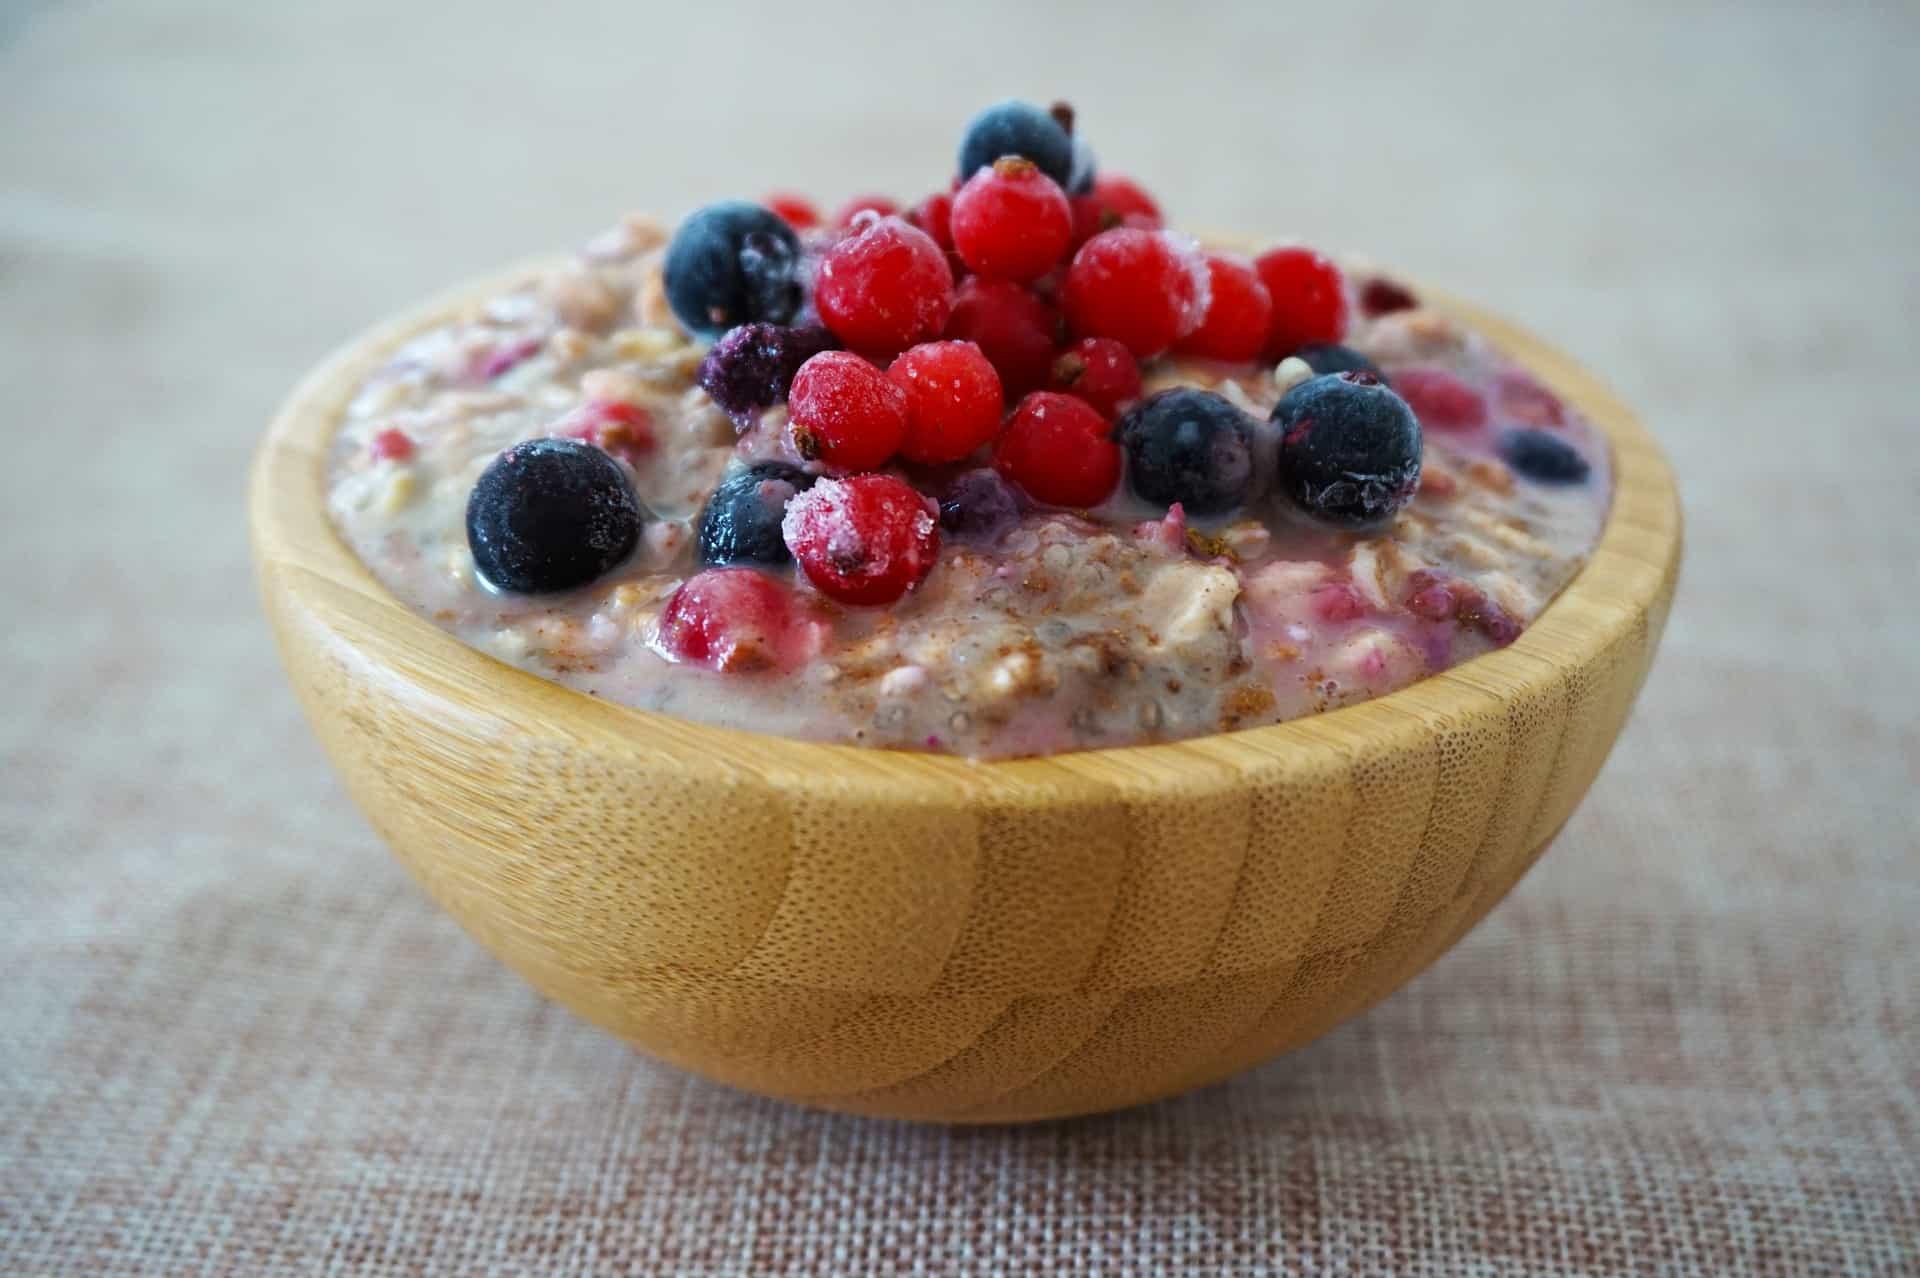 Fertigmüsli: Wie gesund ist das schnelle Frühstück wirklich?